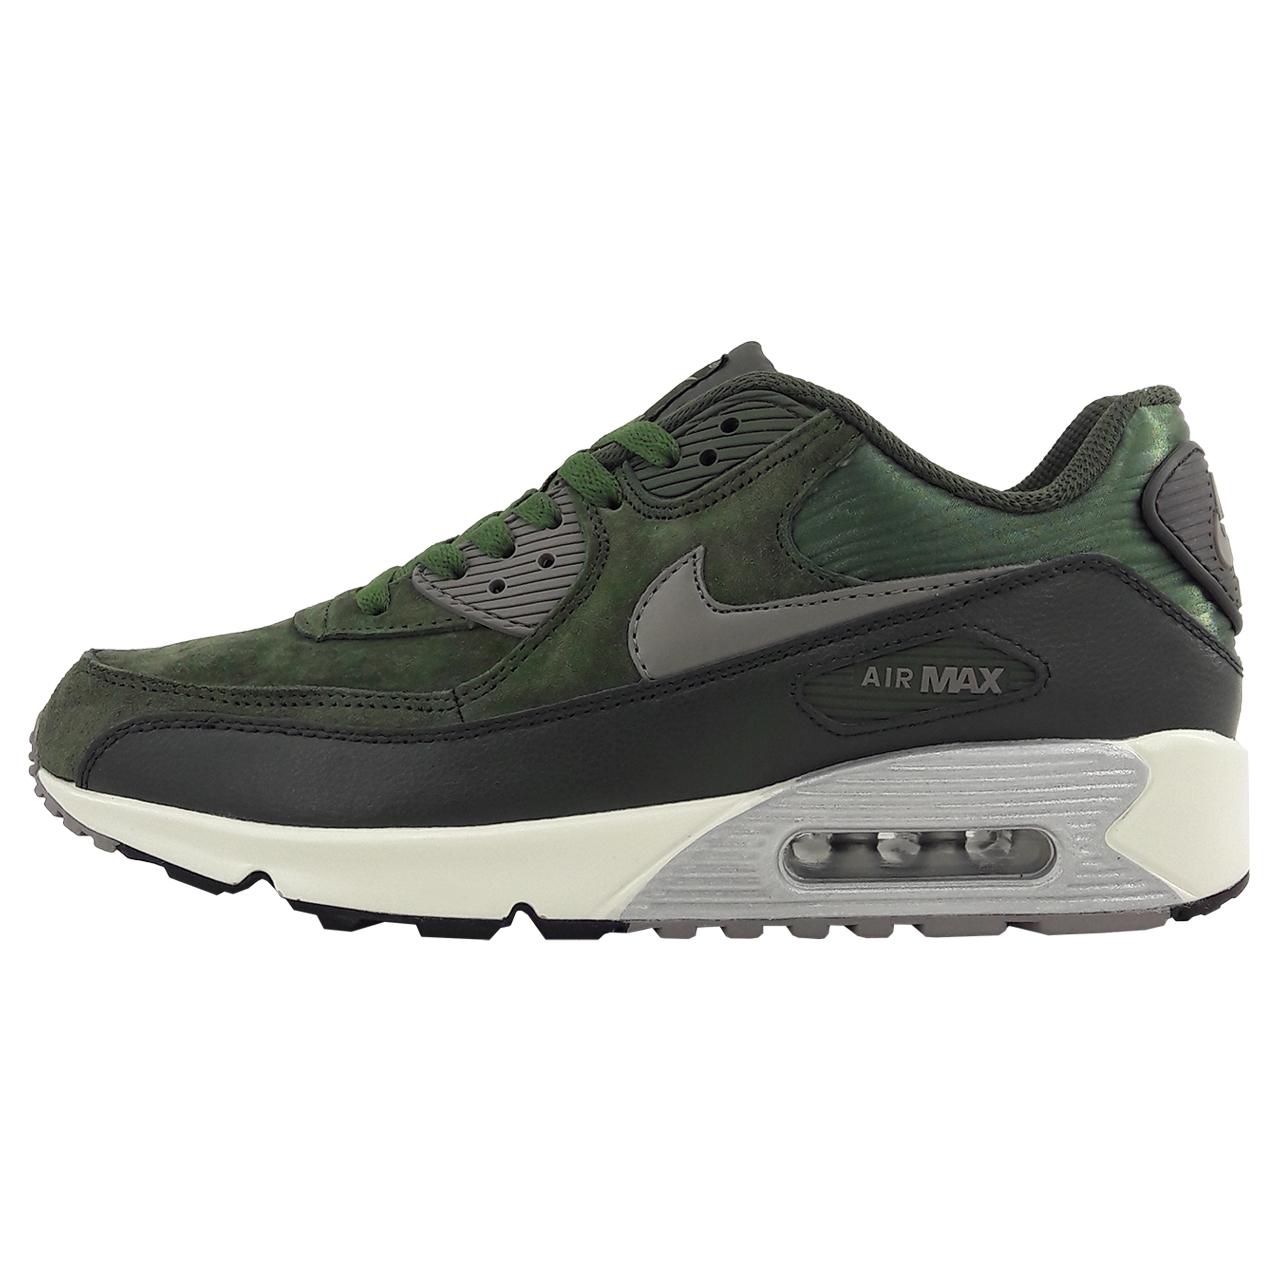 کفش مخصوص دویدن مردانه نایکی مدل Air max 90